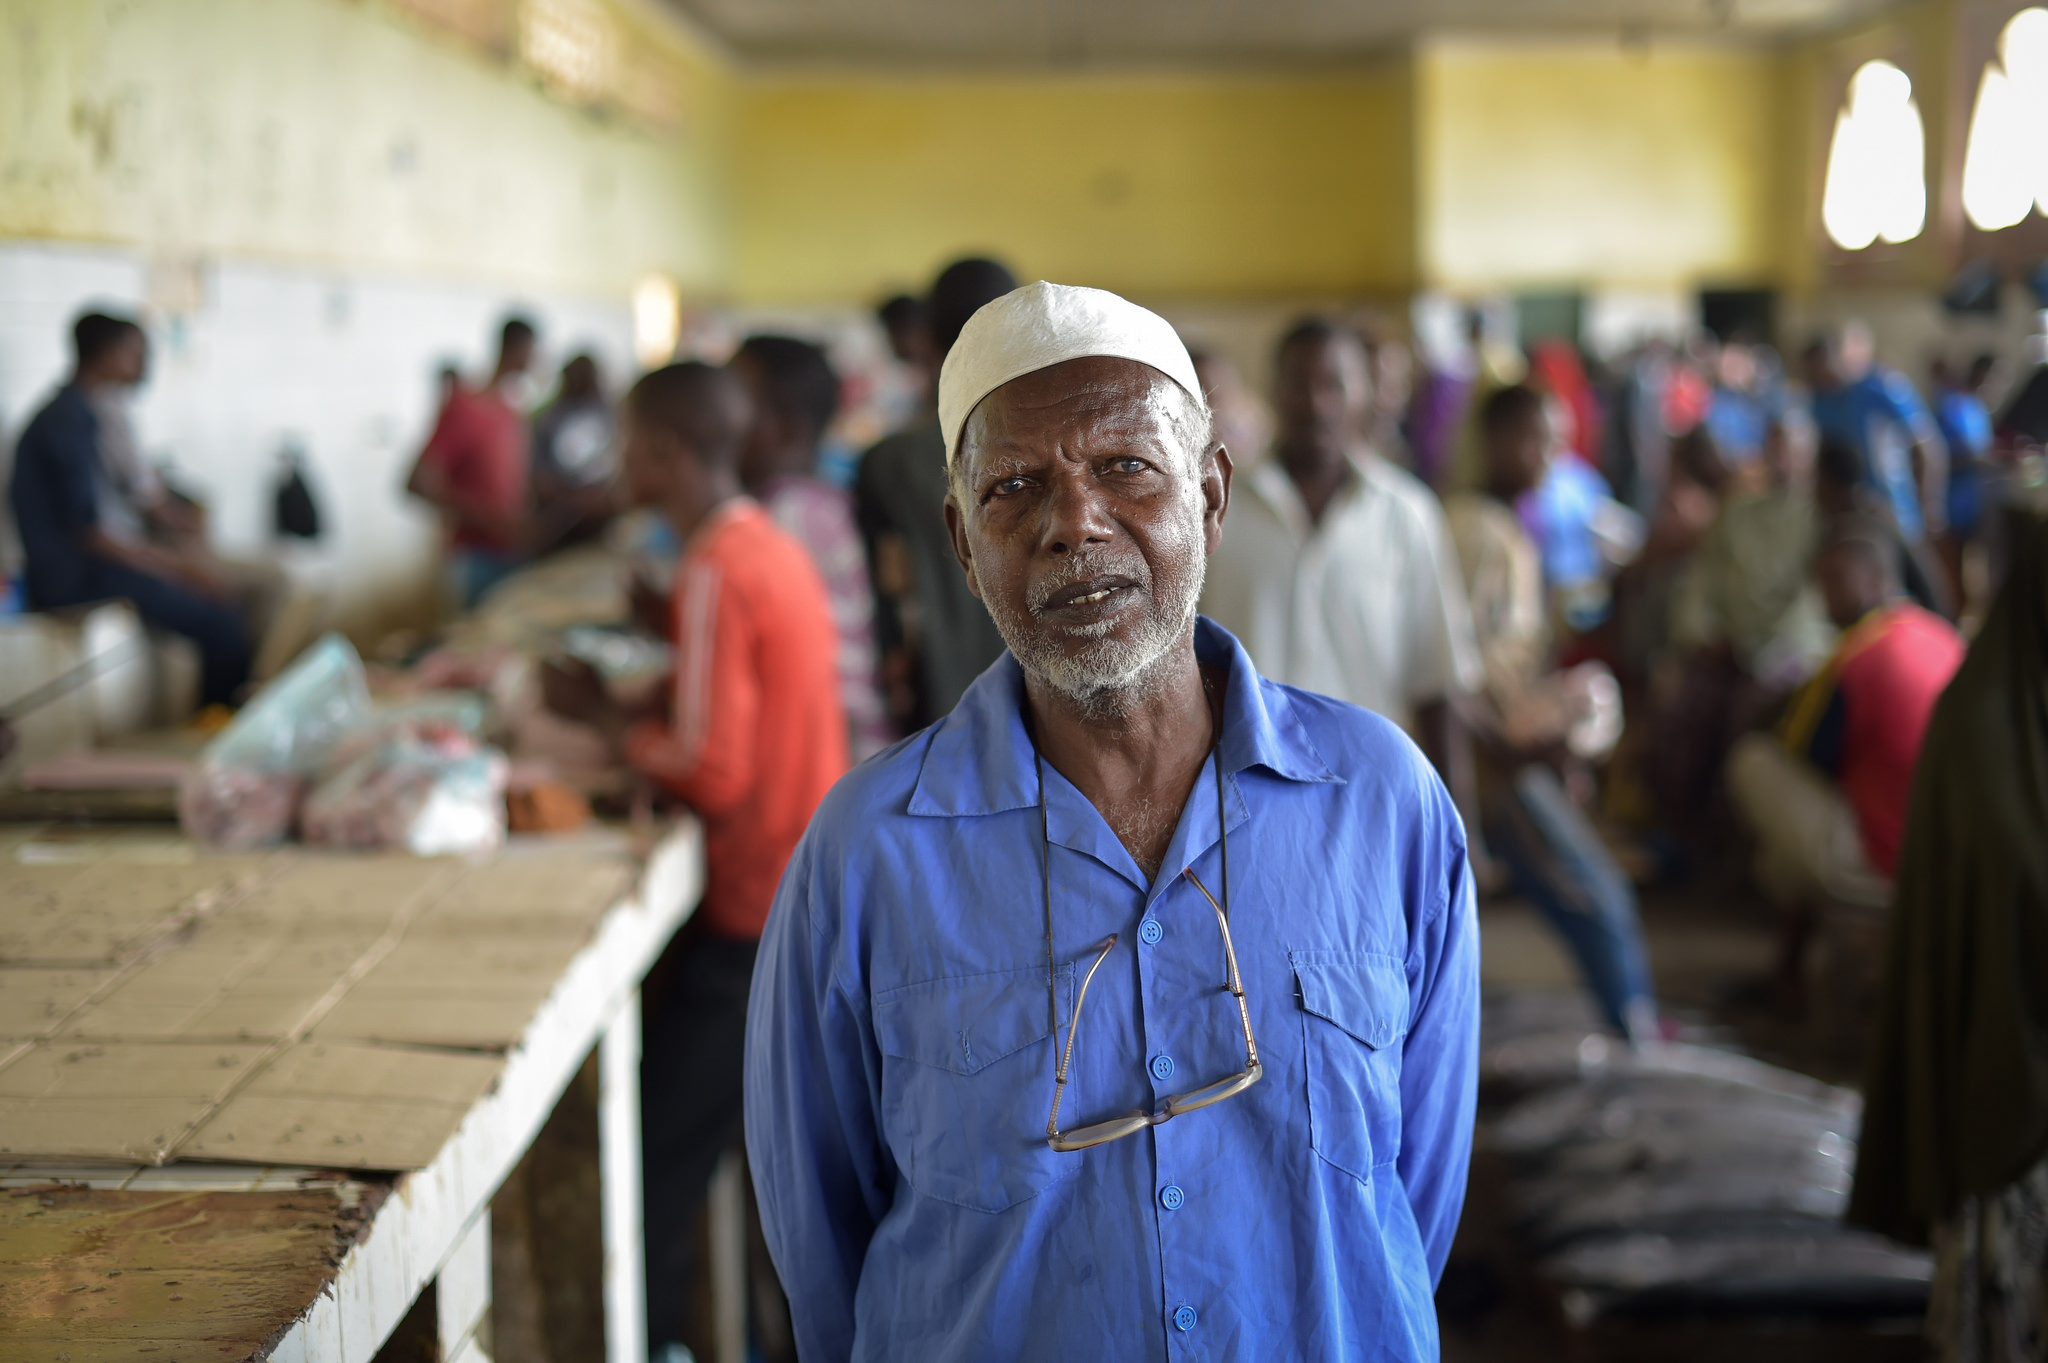 Mercado del pescado en Mogadiscio, capital de Somalia. Foto: AMISOM